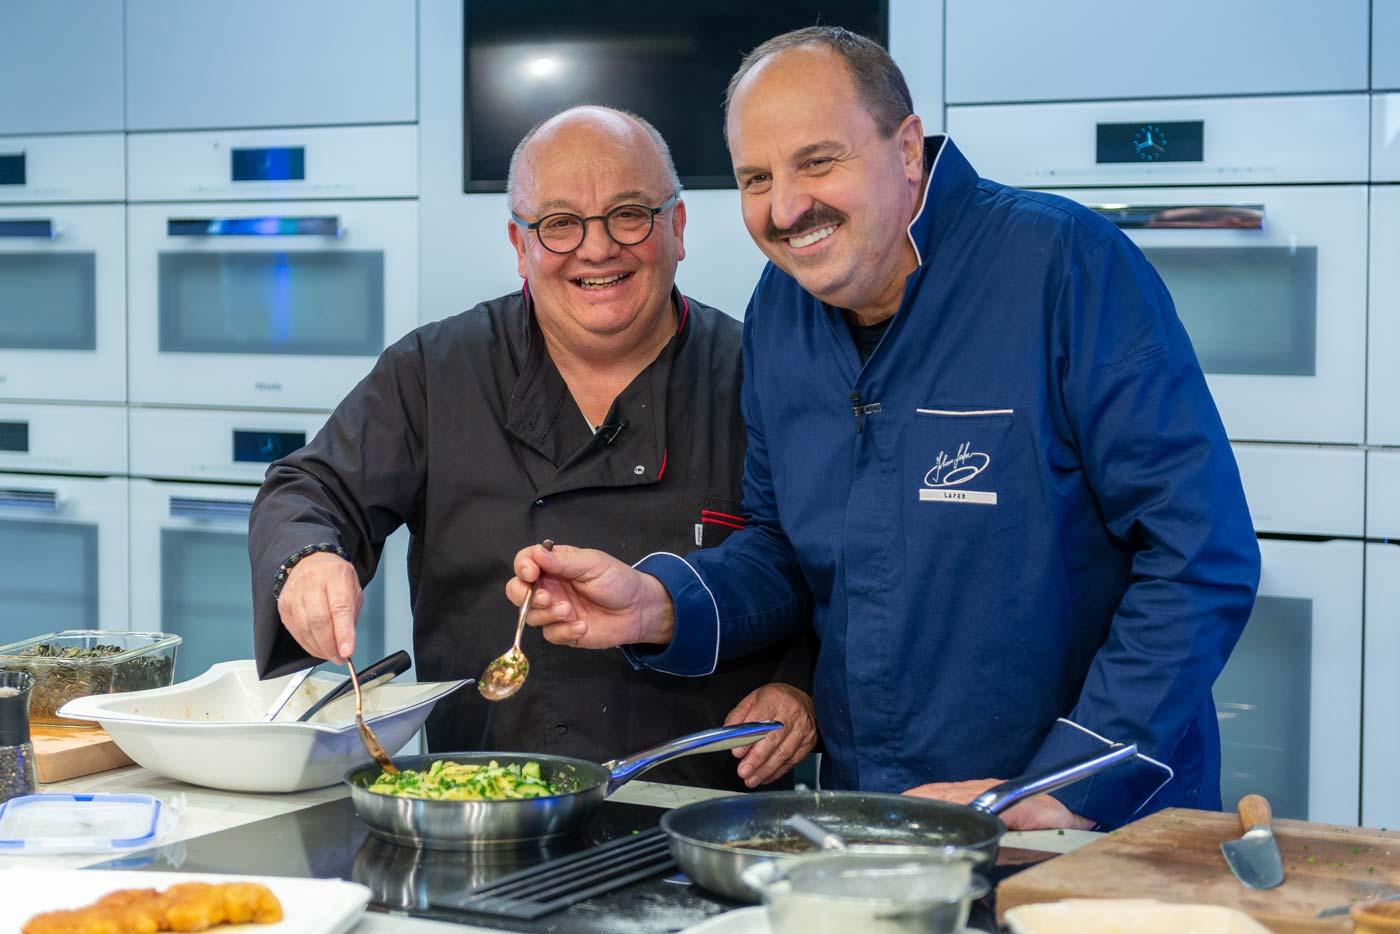 Kochshow Medien weichgekocht mit Johann Lafer und Werner Orth